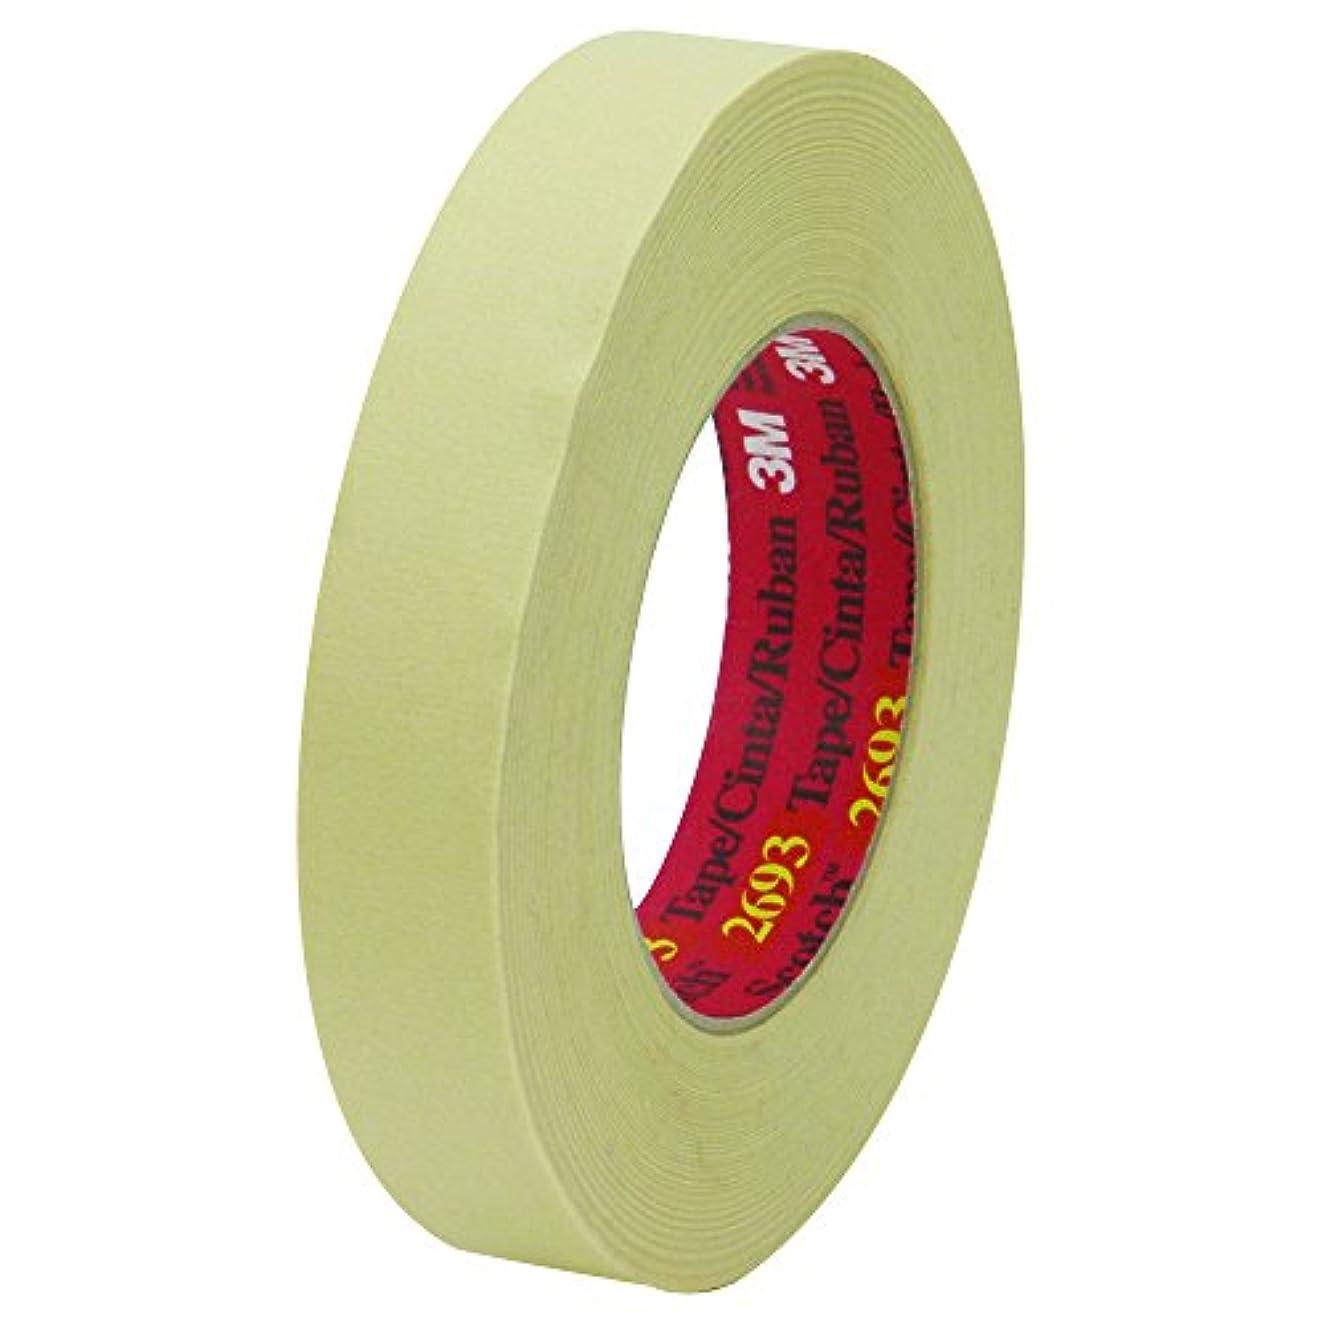 3M 2693 Masking Tape, 1